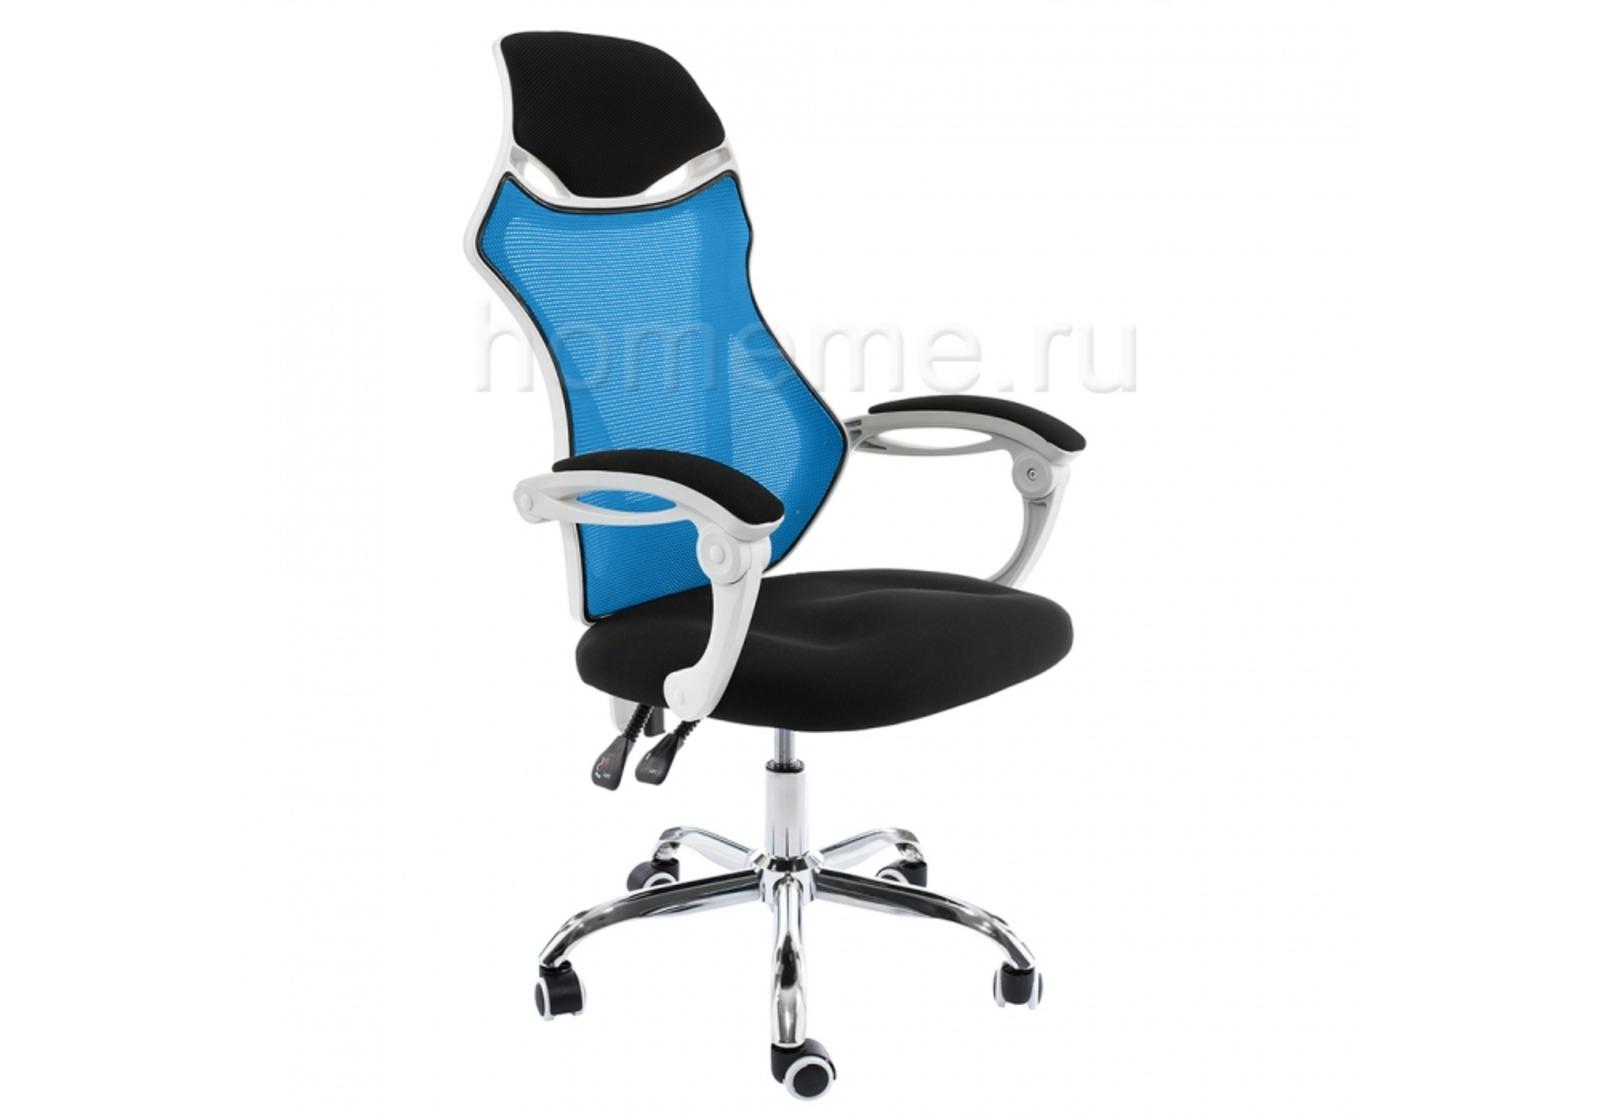 Кресло для офиса HomeMe Armor белое / черное / голубое 1981 от Homeme.ru